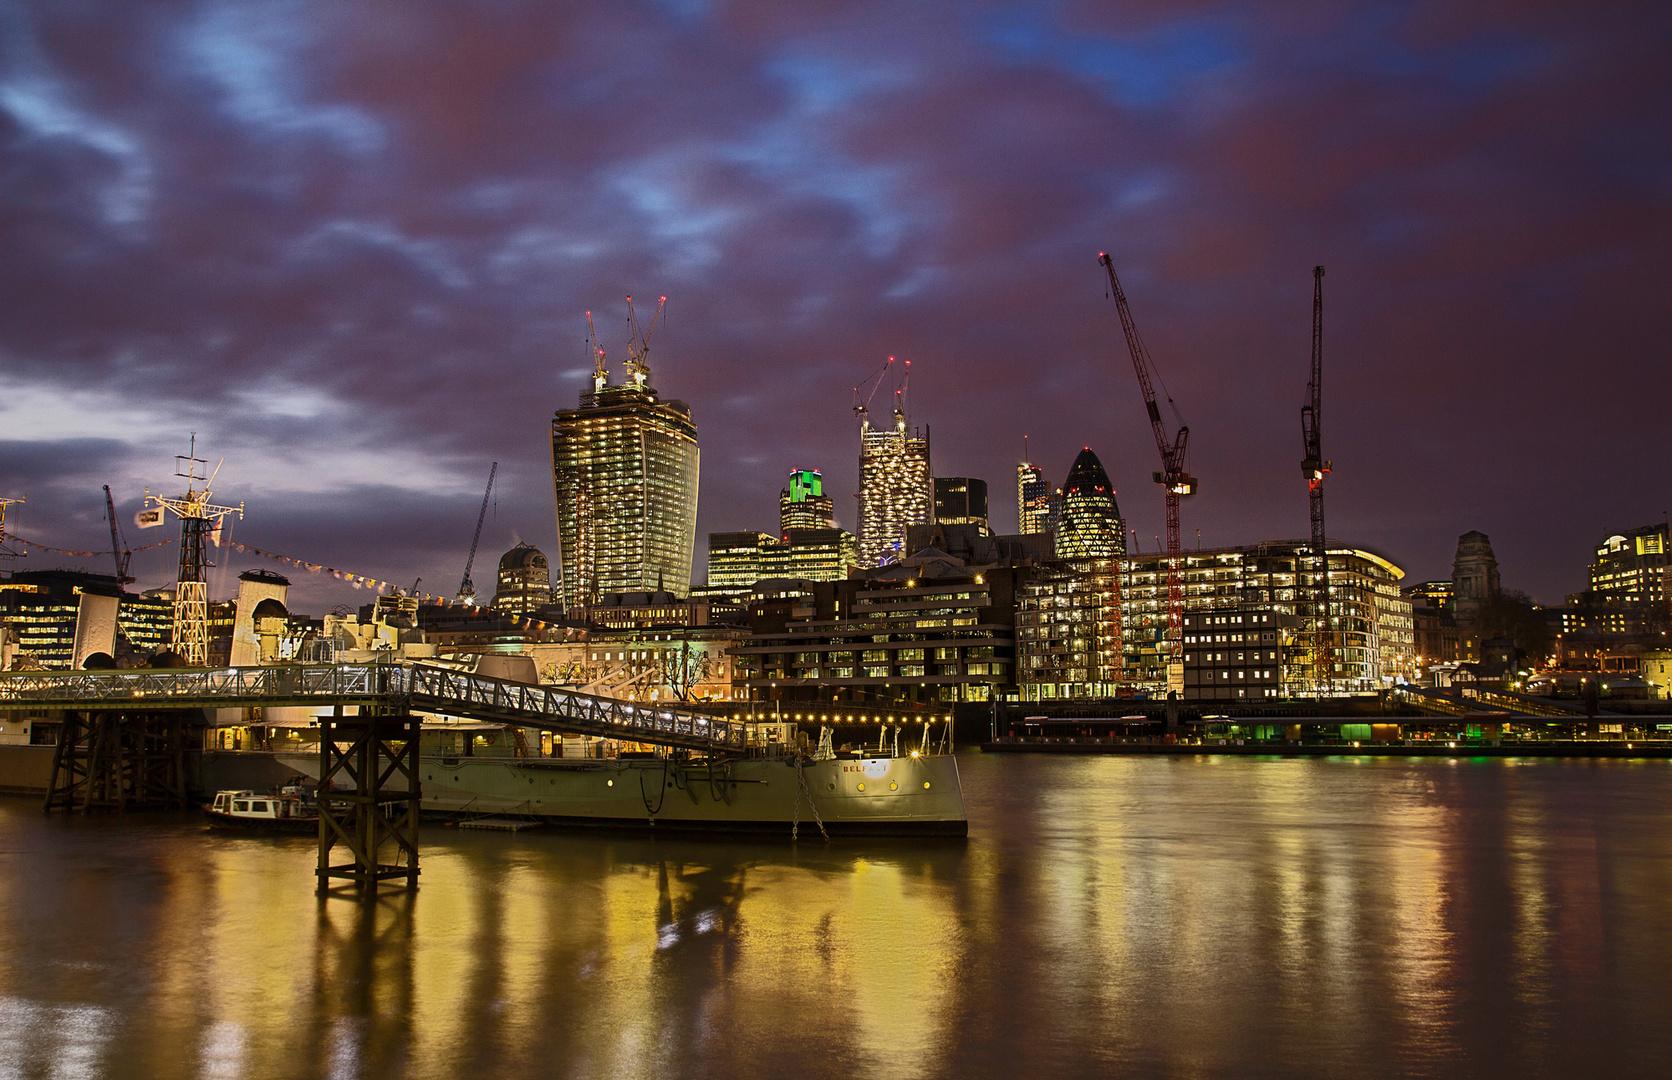 London Bridge Pier